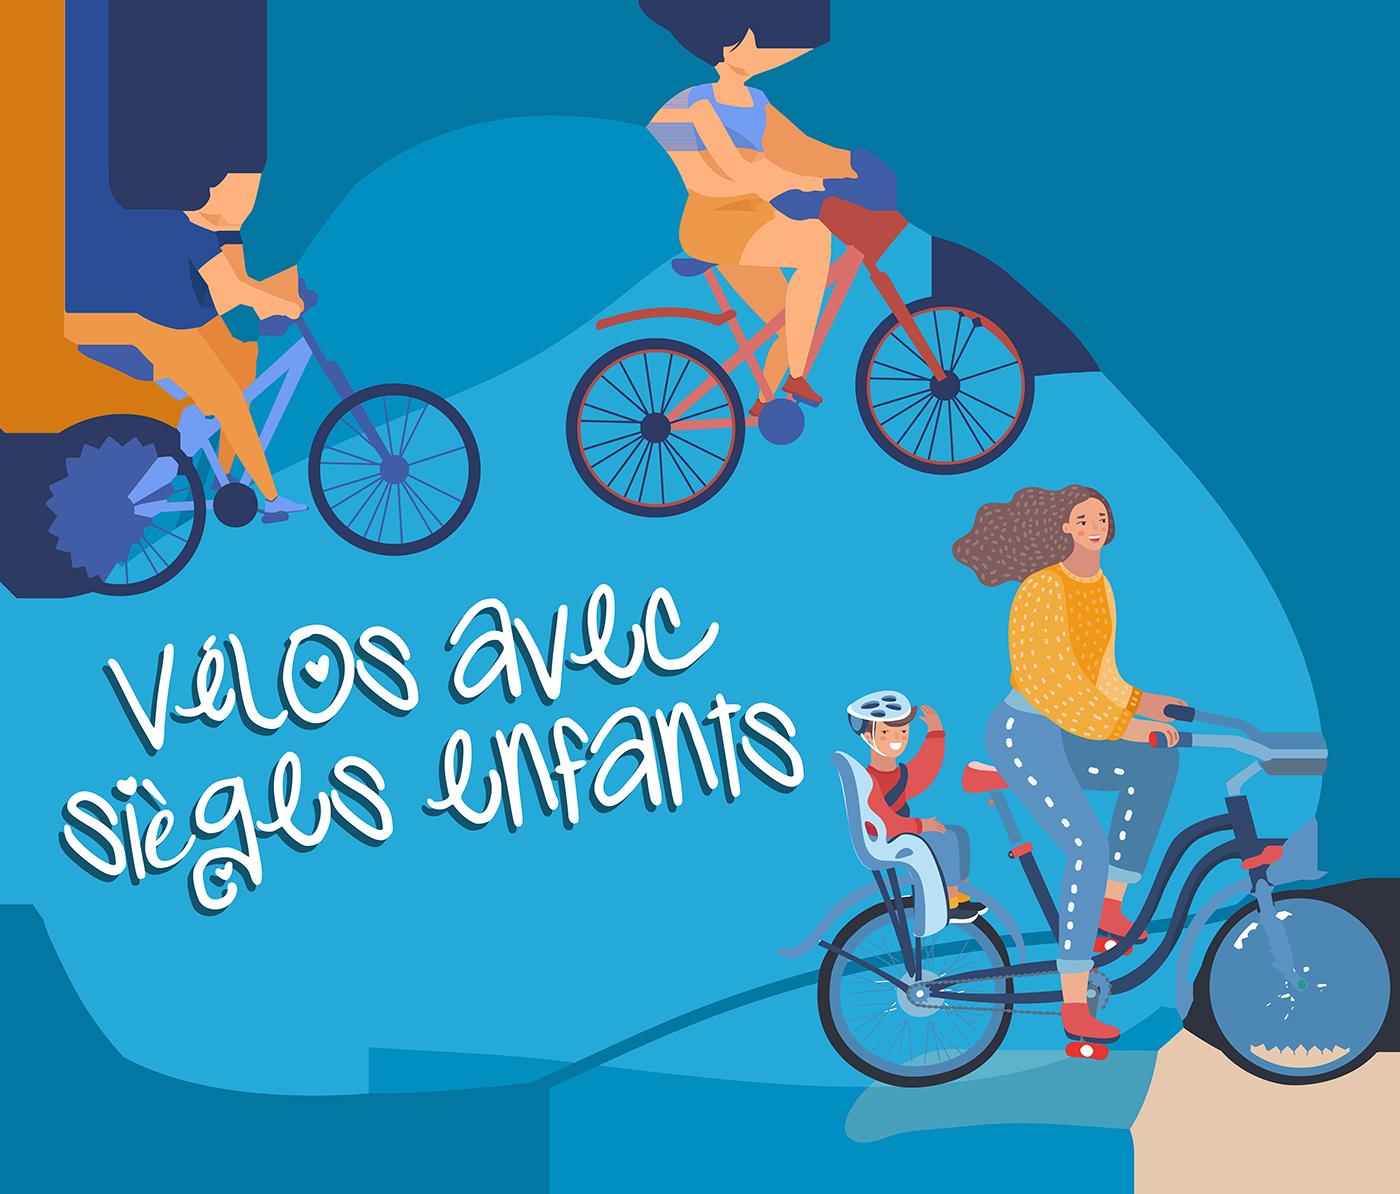 Vélos avec sièges enfants